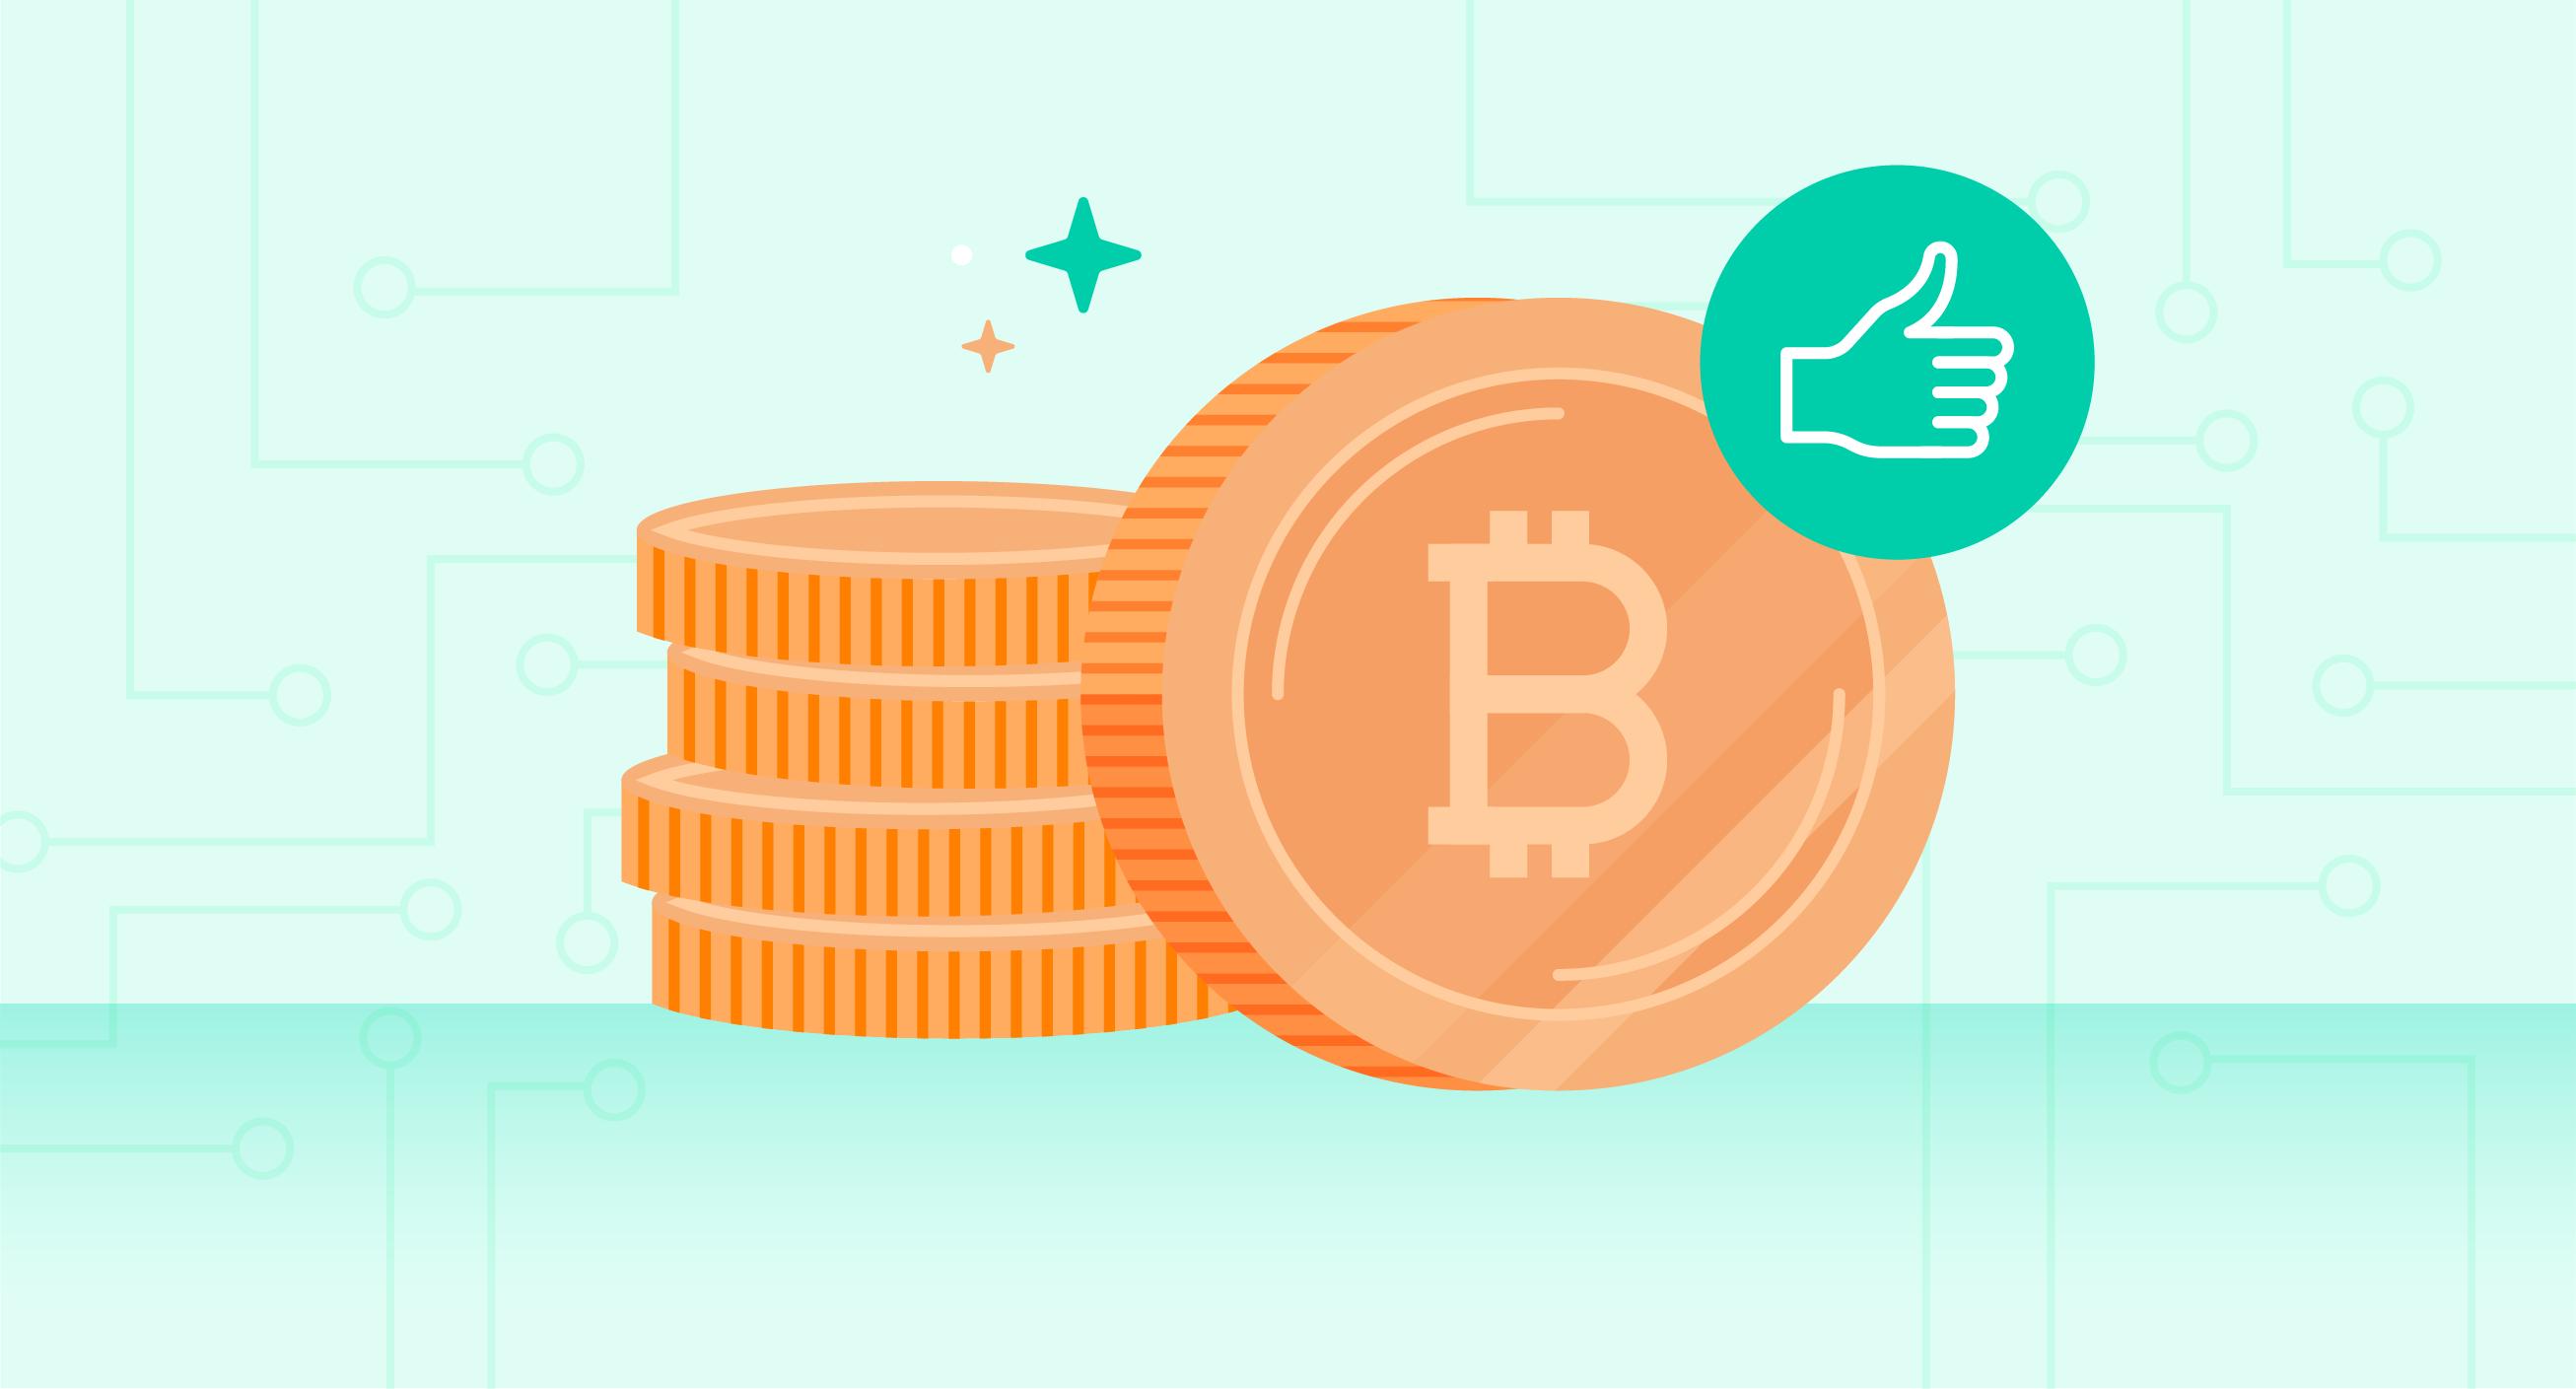 pros of bitcoin